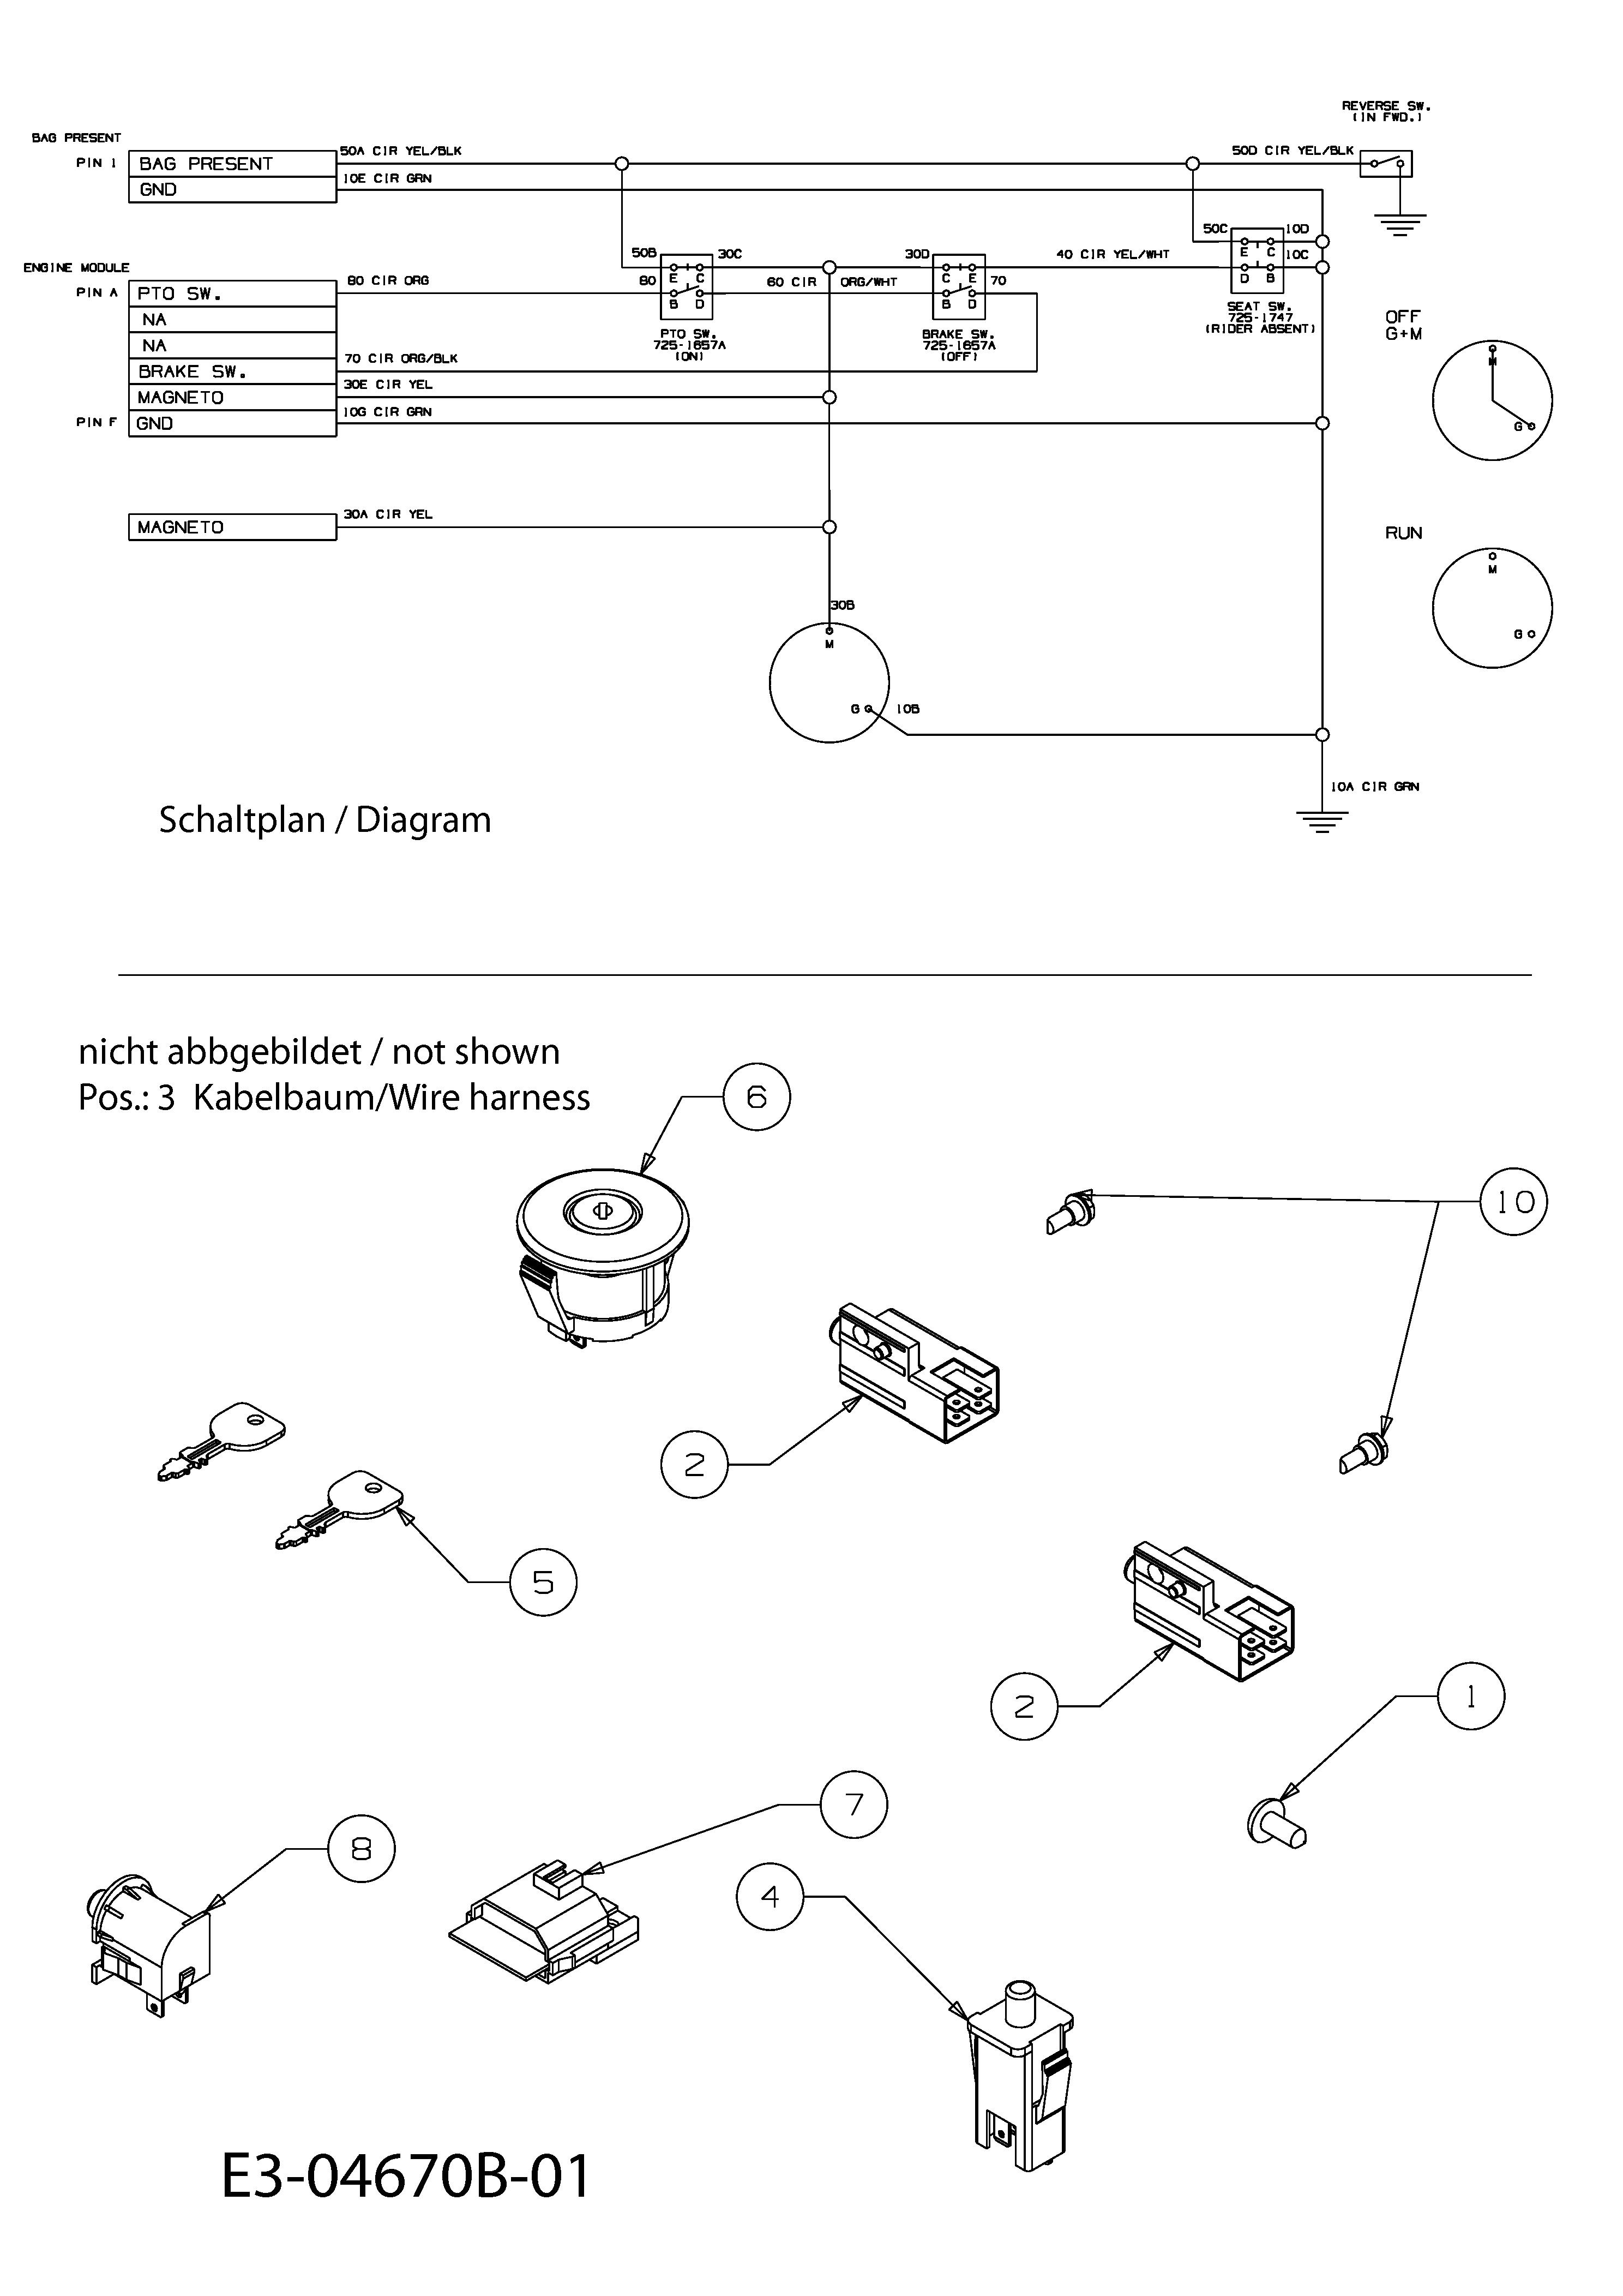 MTD Minirider 60 Elektroteile, Schaltplan 13C3054-400 (2010)